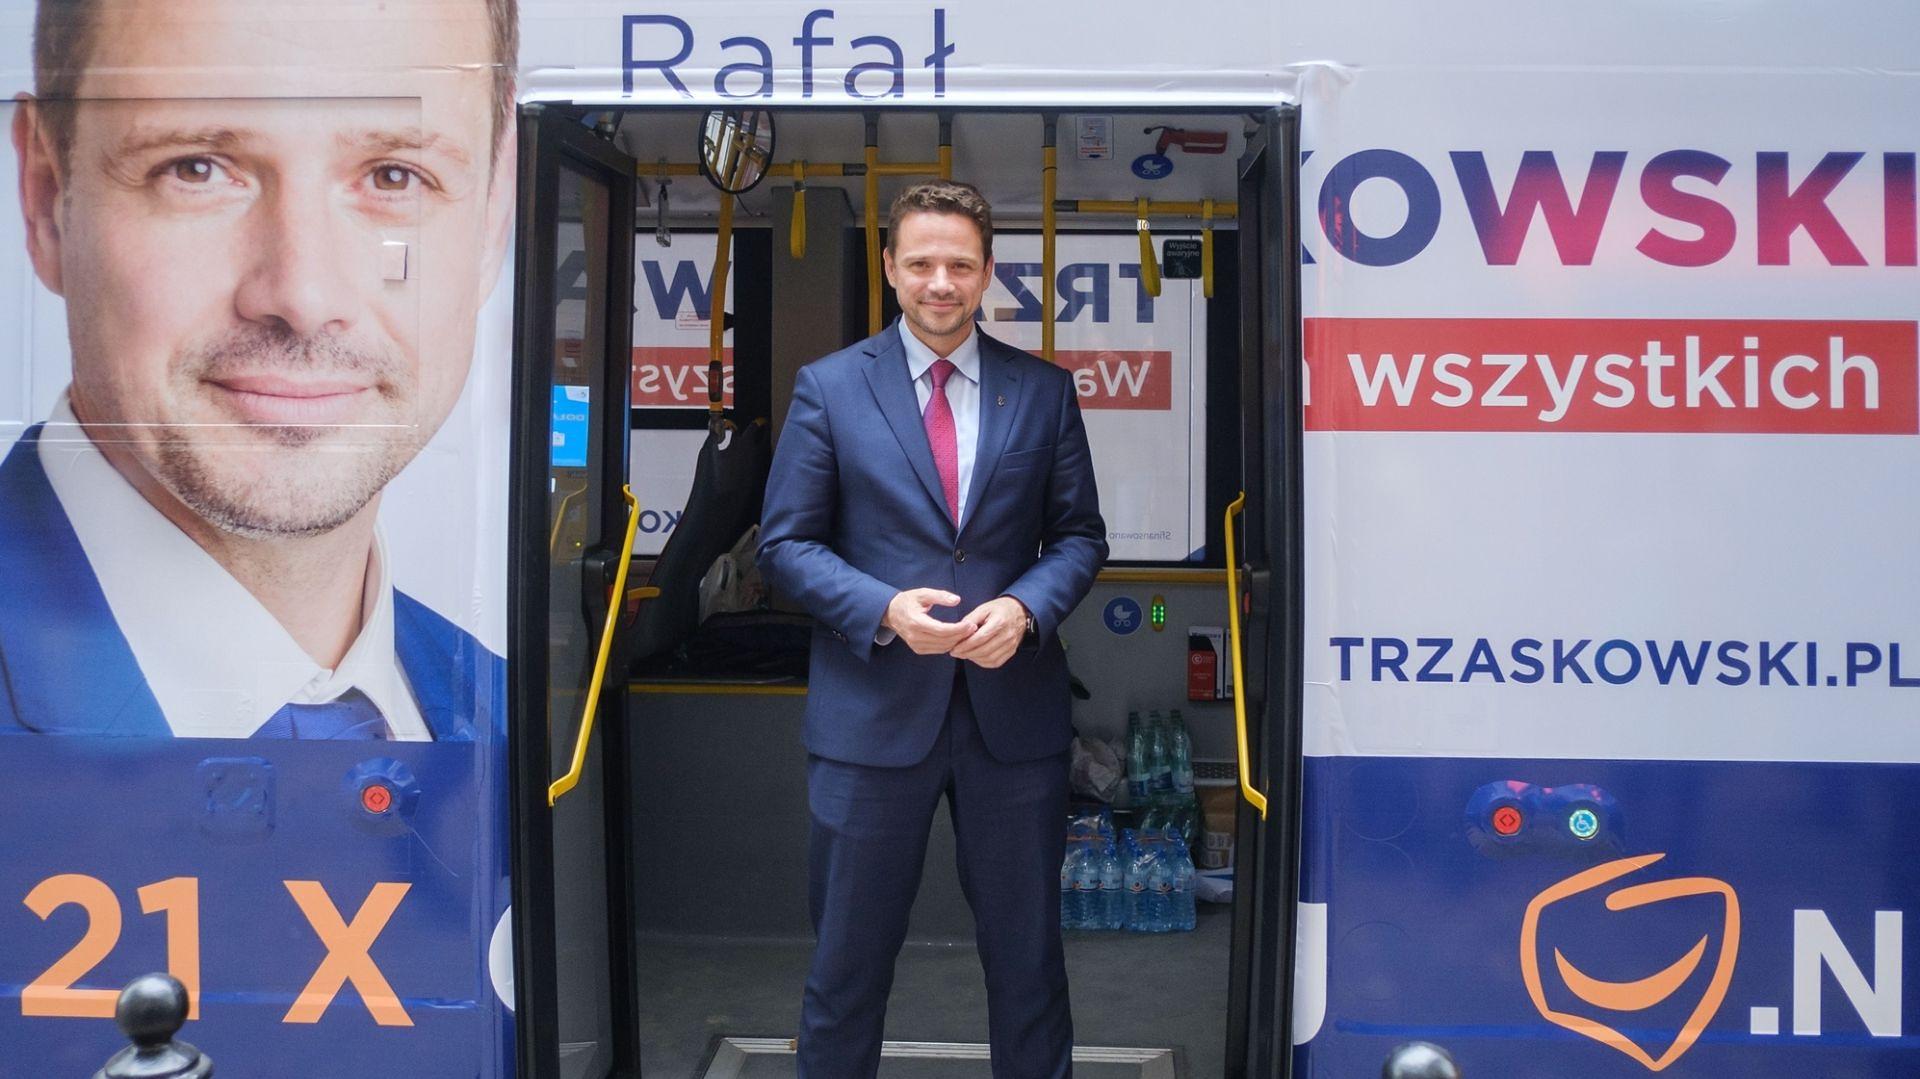 """Rafał Trzaskowski dla WP: """"Tłuste koty nie wyśpią się na dębowym biurku w moim gabinecie"""""""